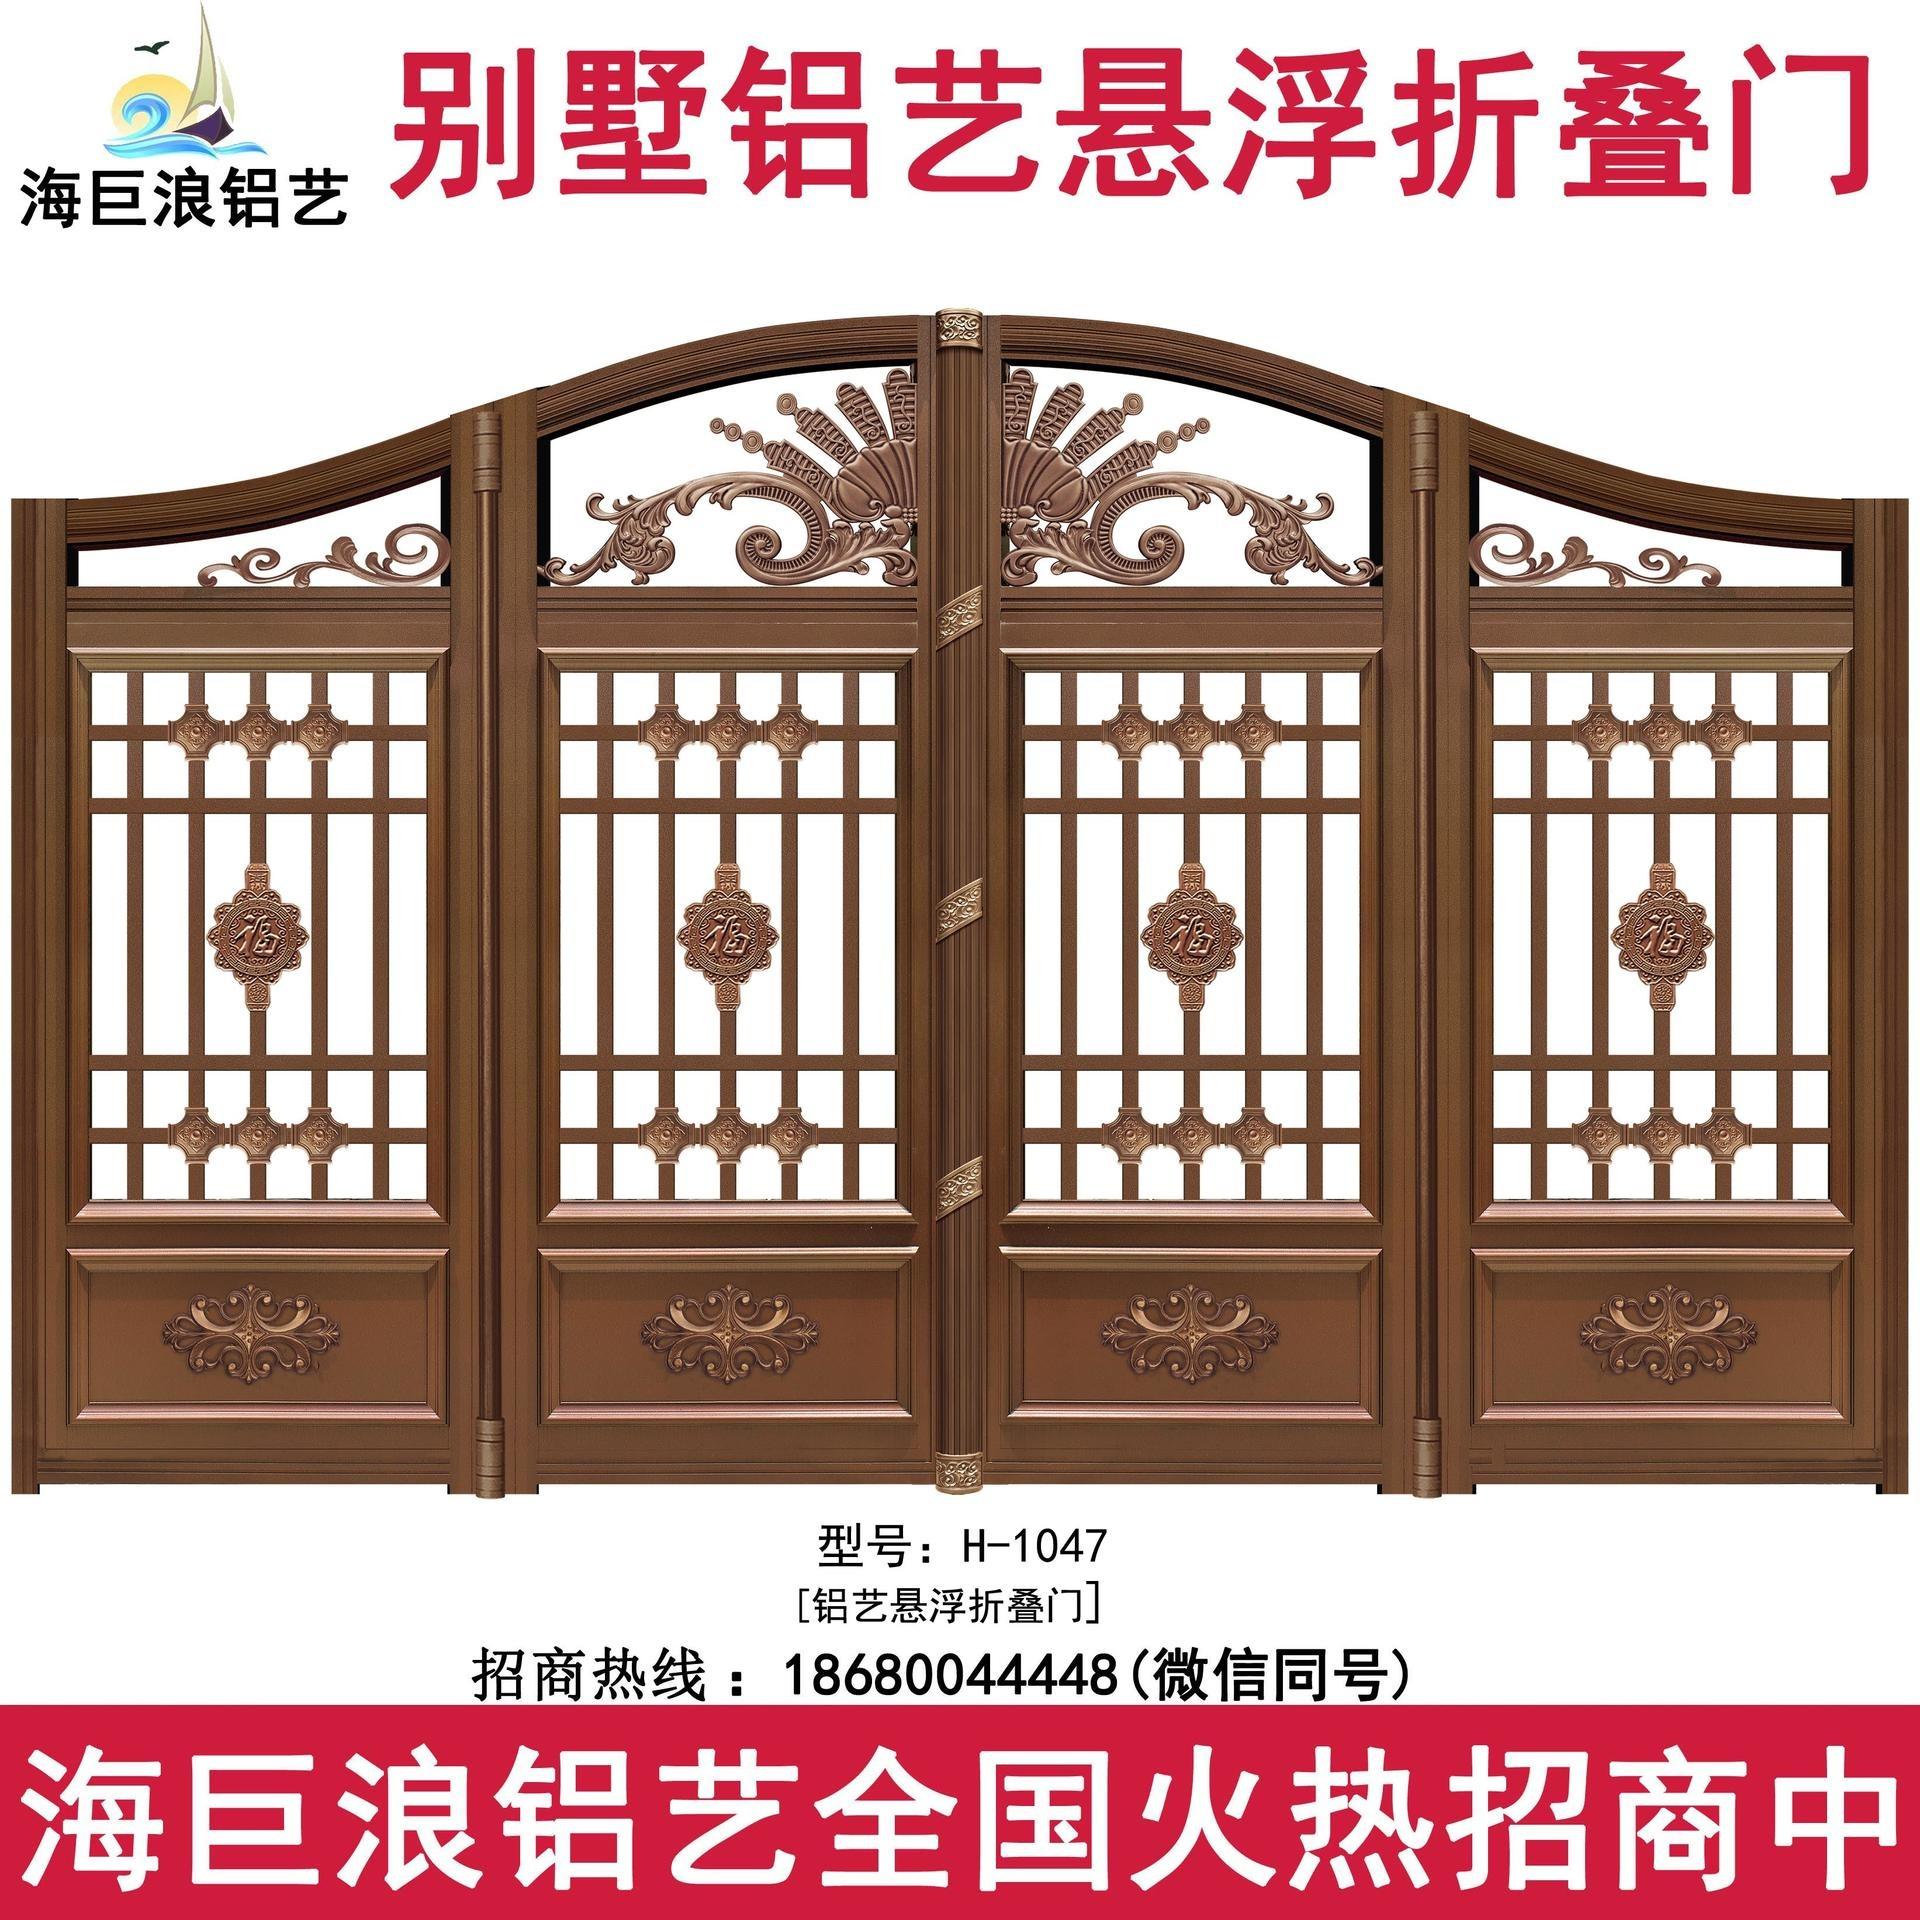 普寧市智能別墅庭院門 懸浮折疊門 雙開鋁藝大門 復古歐式別墅大門